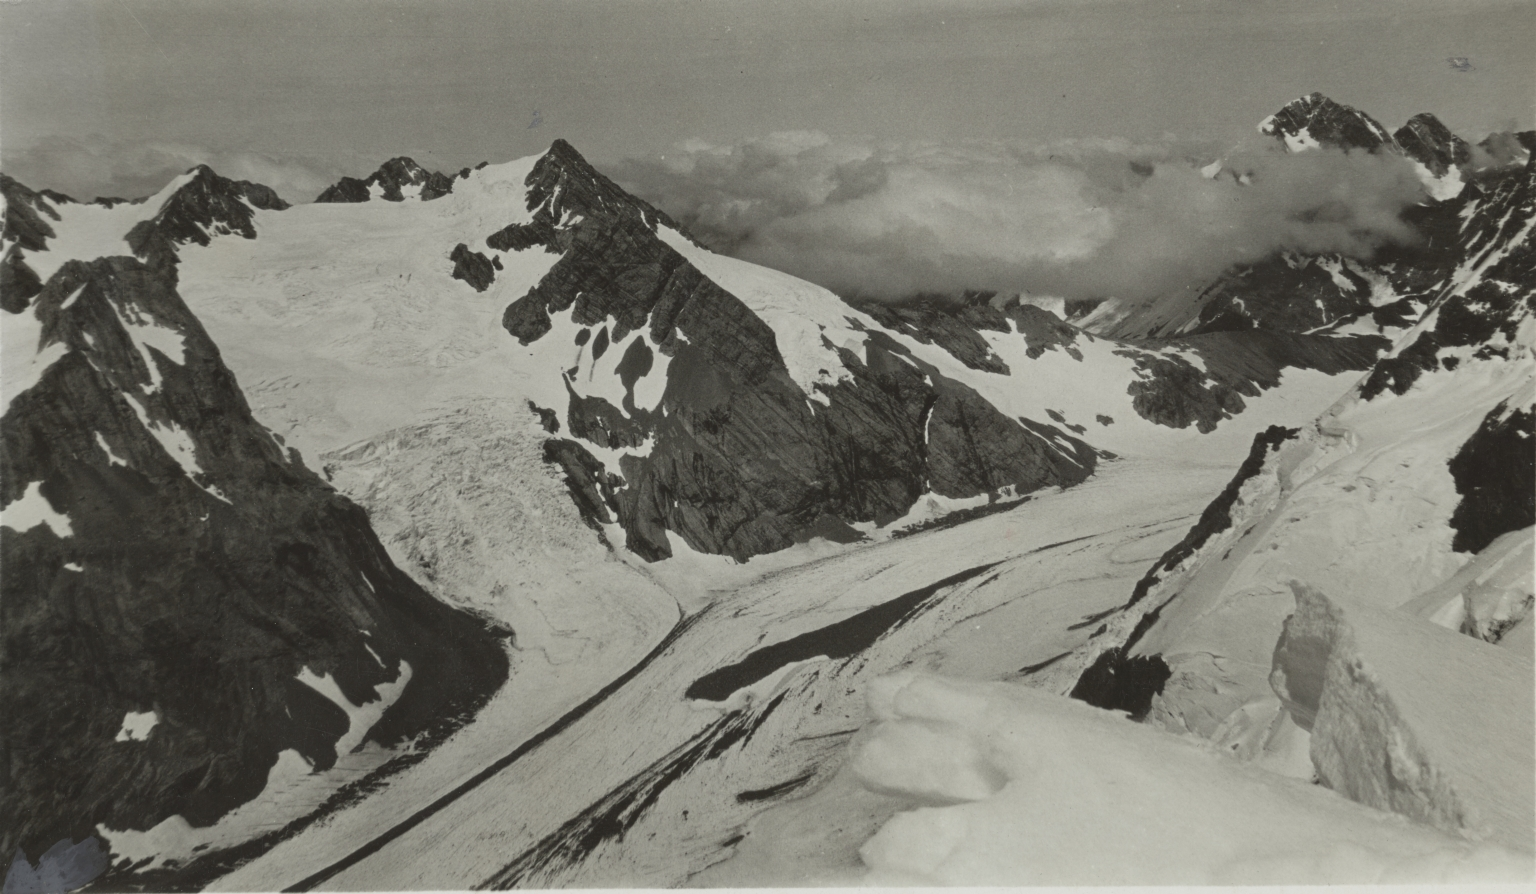 Mueller Glacier, New Zealand